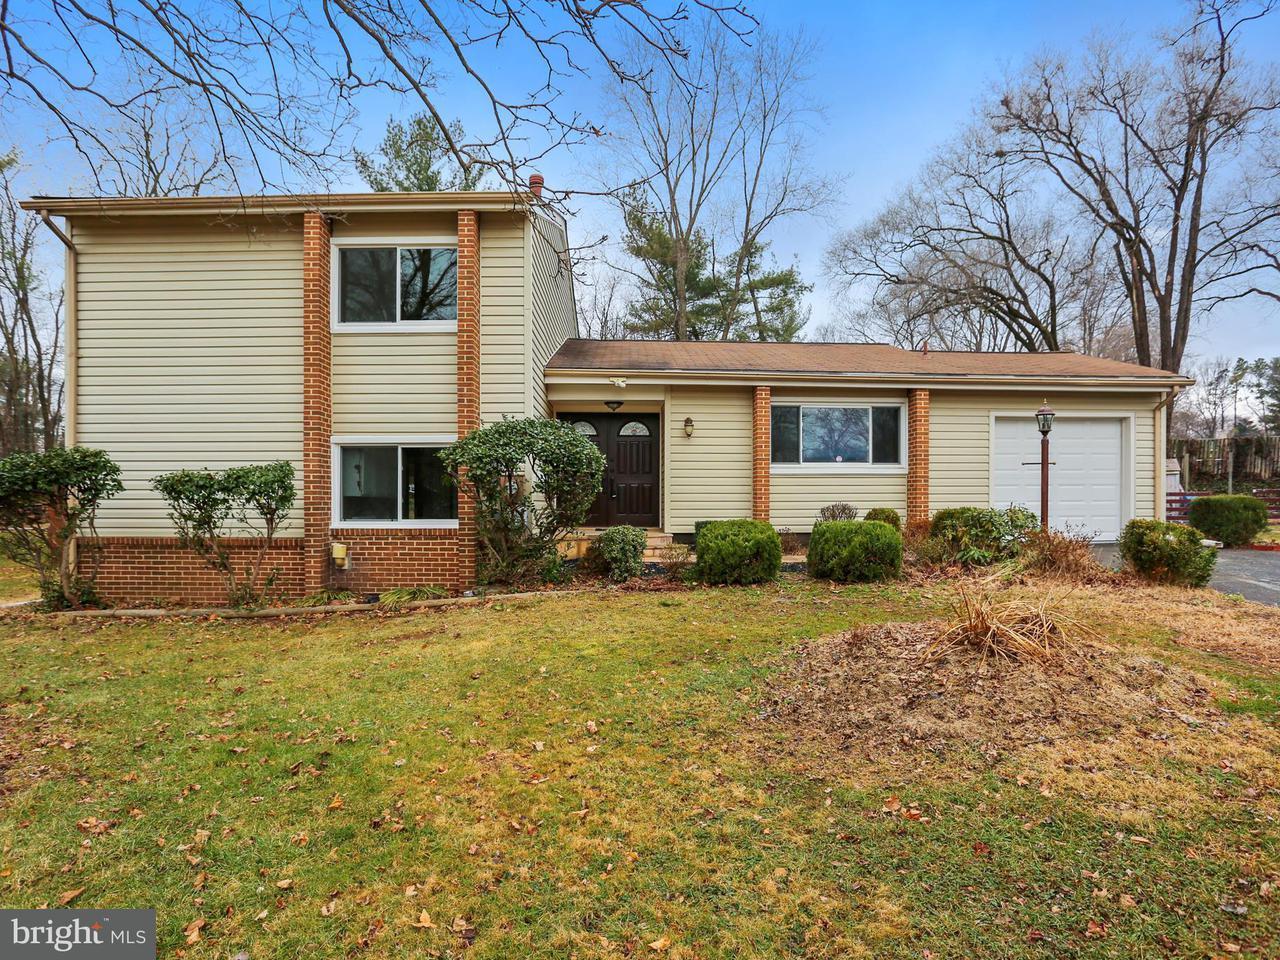 Частный односемейный дом для того Продажа на 17701 Millcrest Drive 17701 Millcrest Drive Derwood, Мэриленд 20855 Соединенные Штаты